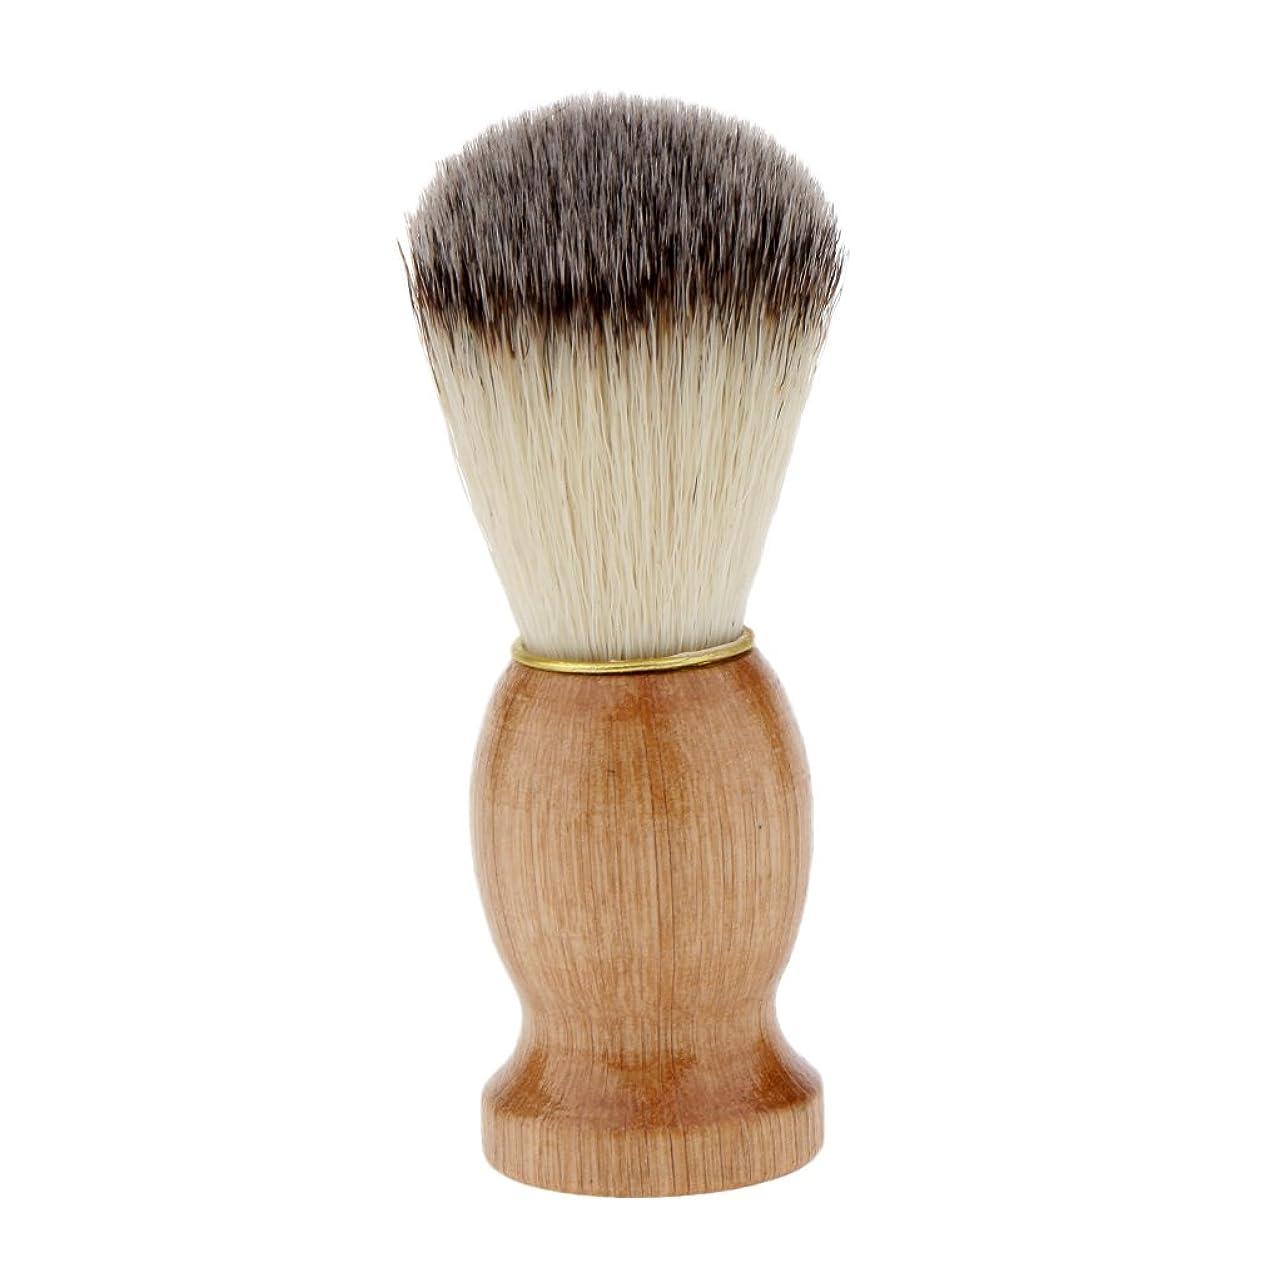 高層ビル霧深い湿気の多いKesoto シェービングブラシ コスメブラシ 木製ハンドル メンズ ひげ剃りブラシ クレンジング